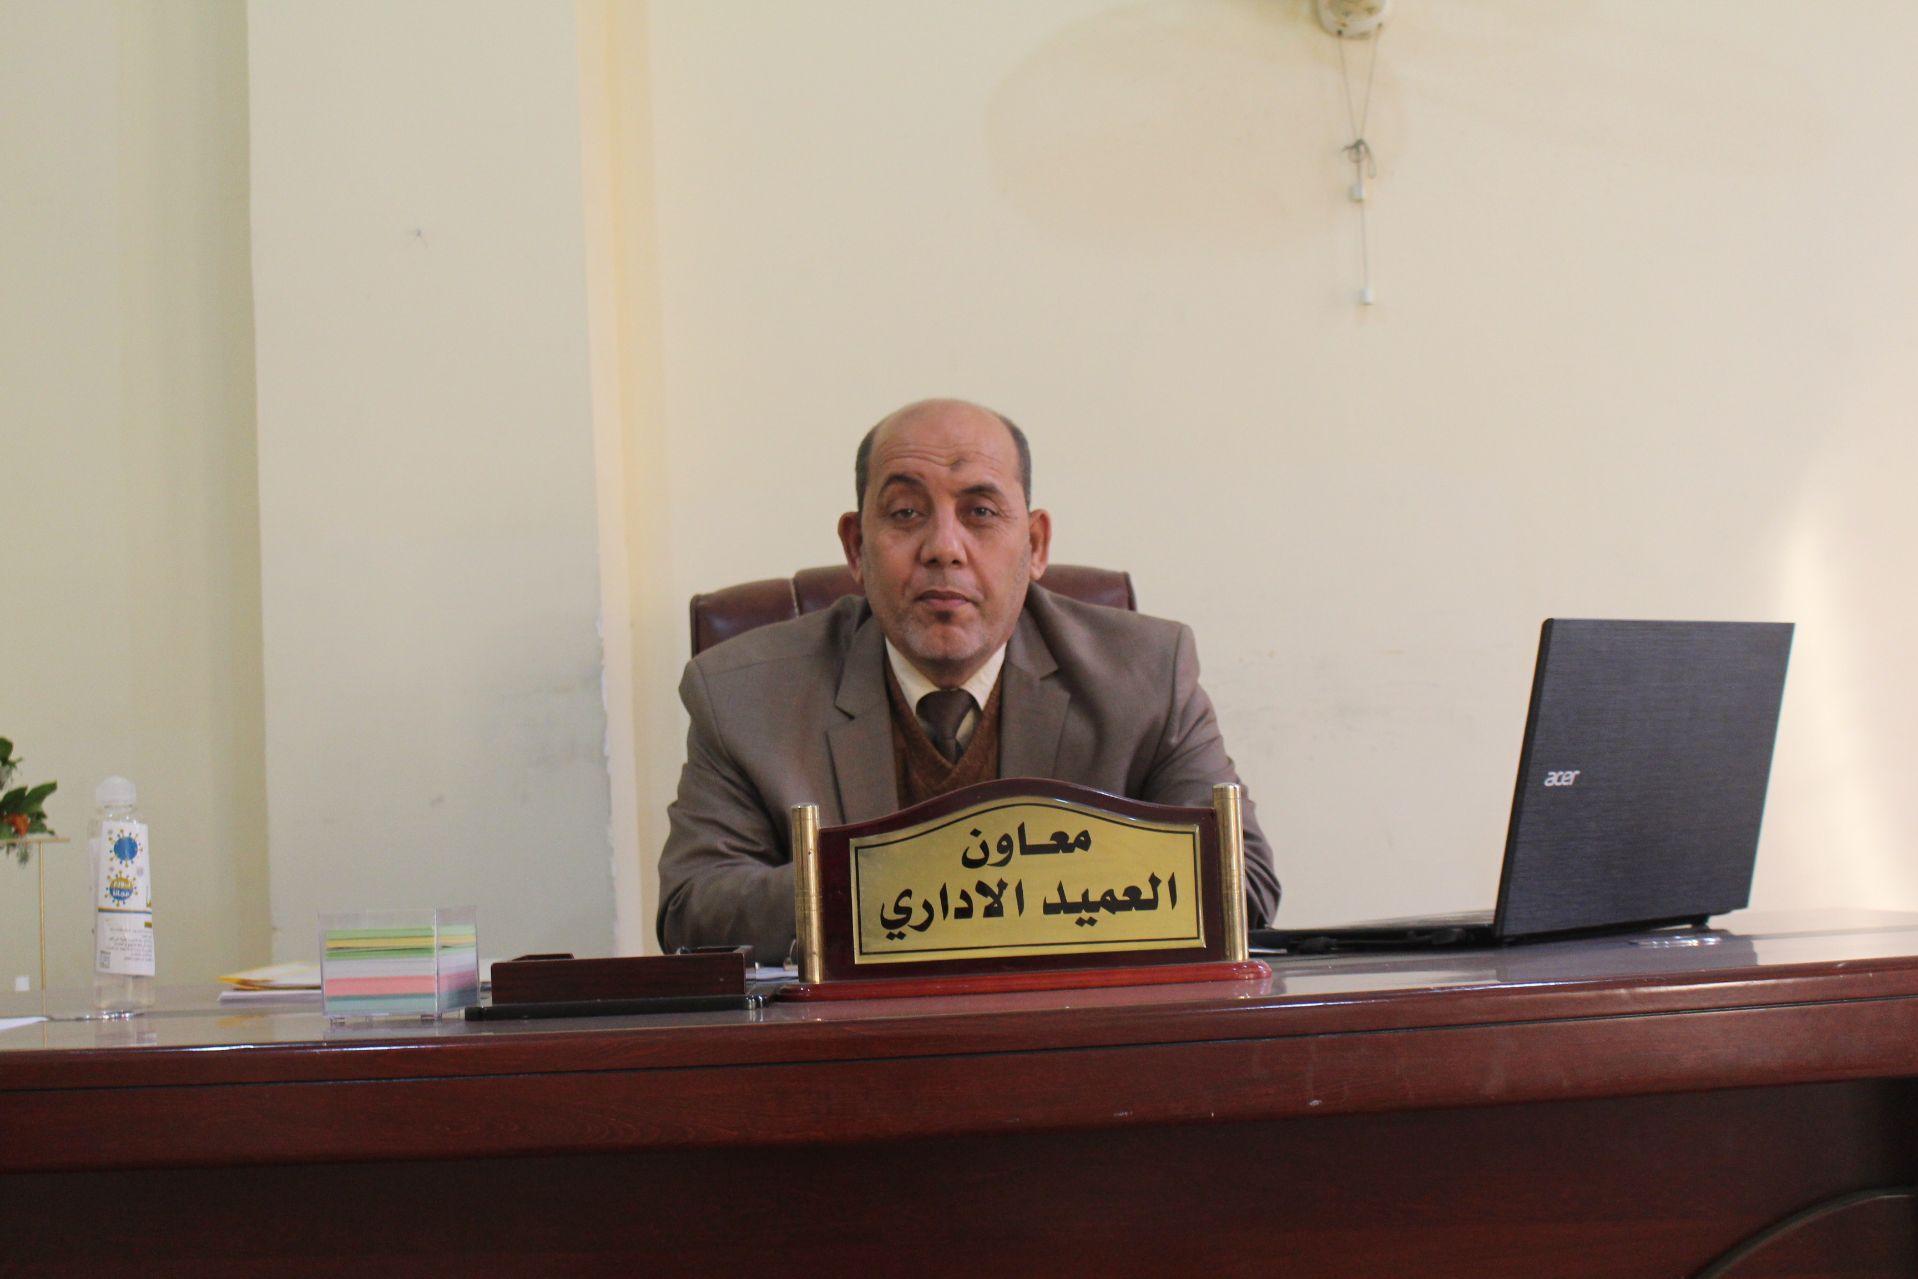 الدكتور محمد عبود المعاون الاداري